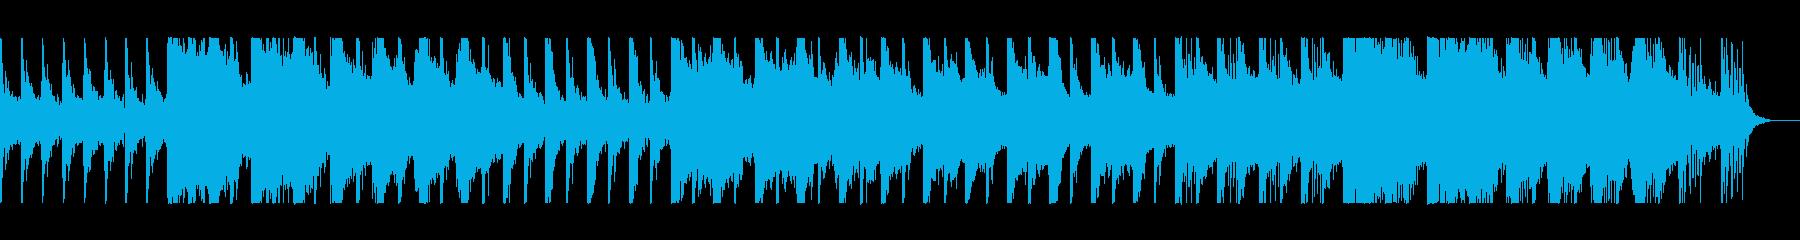 ゆったりしたバラードの再生済みの波形